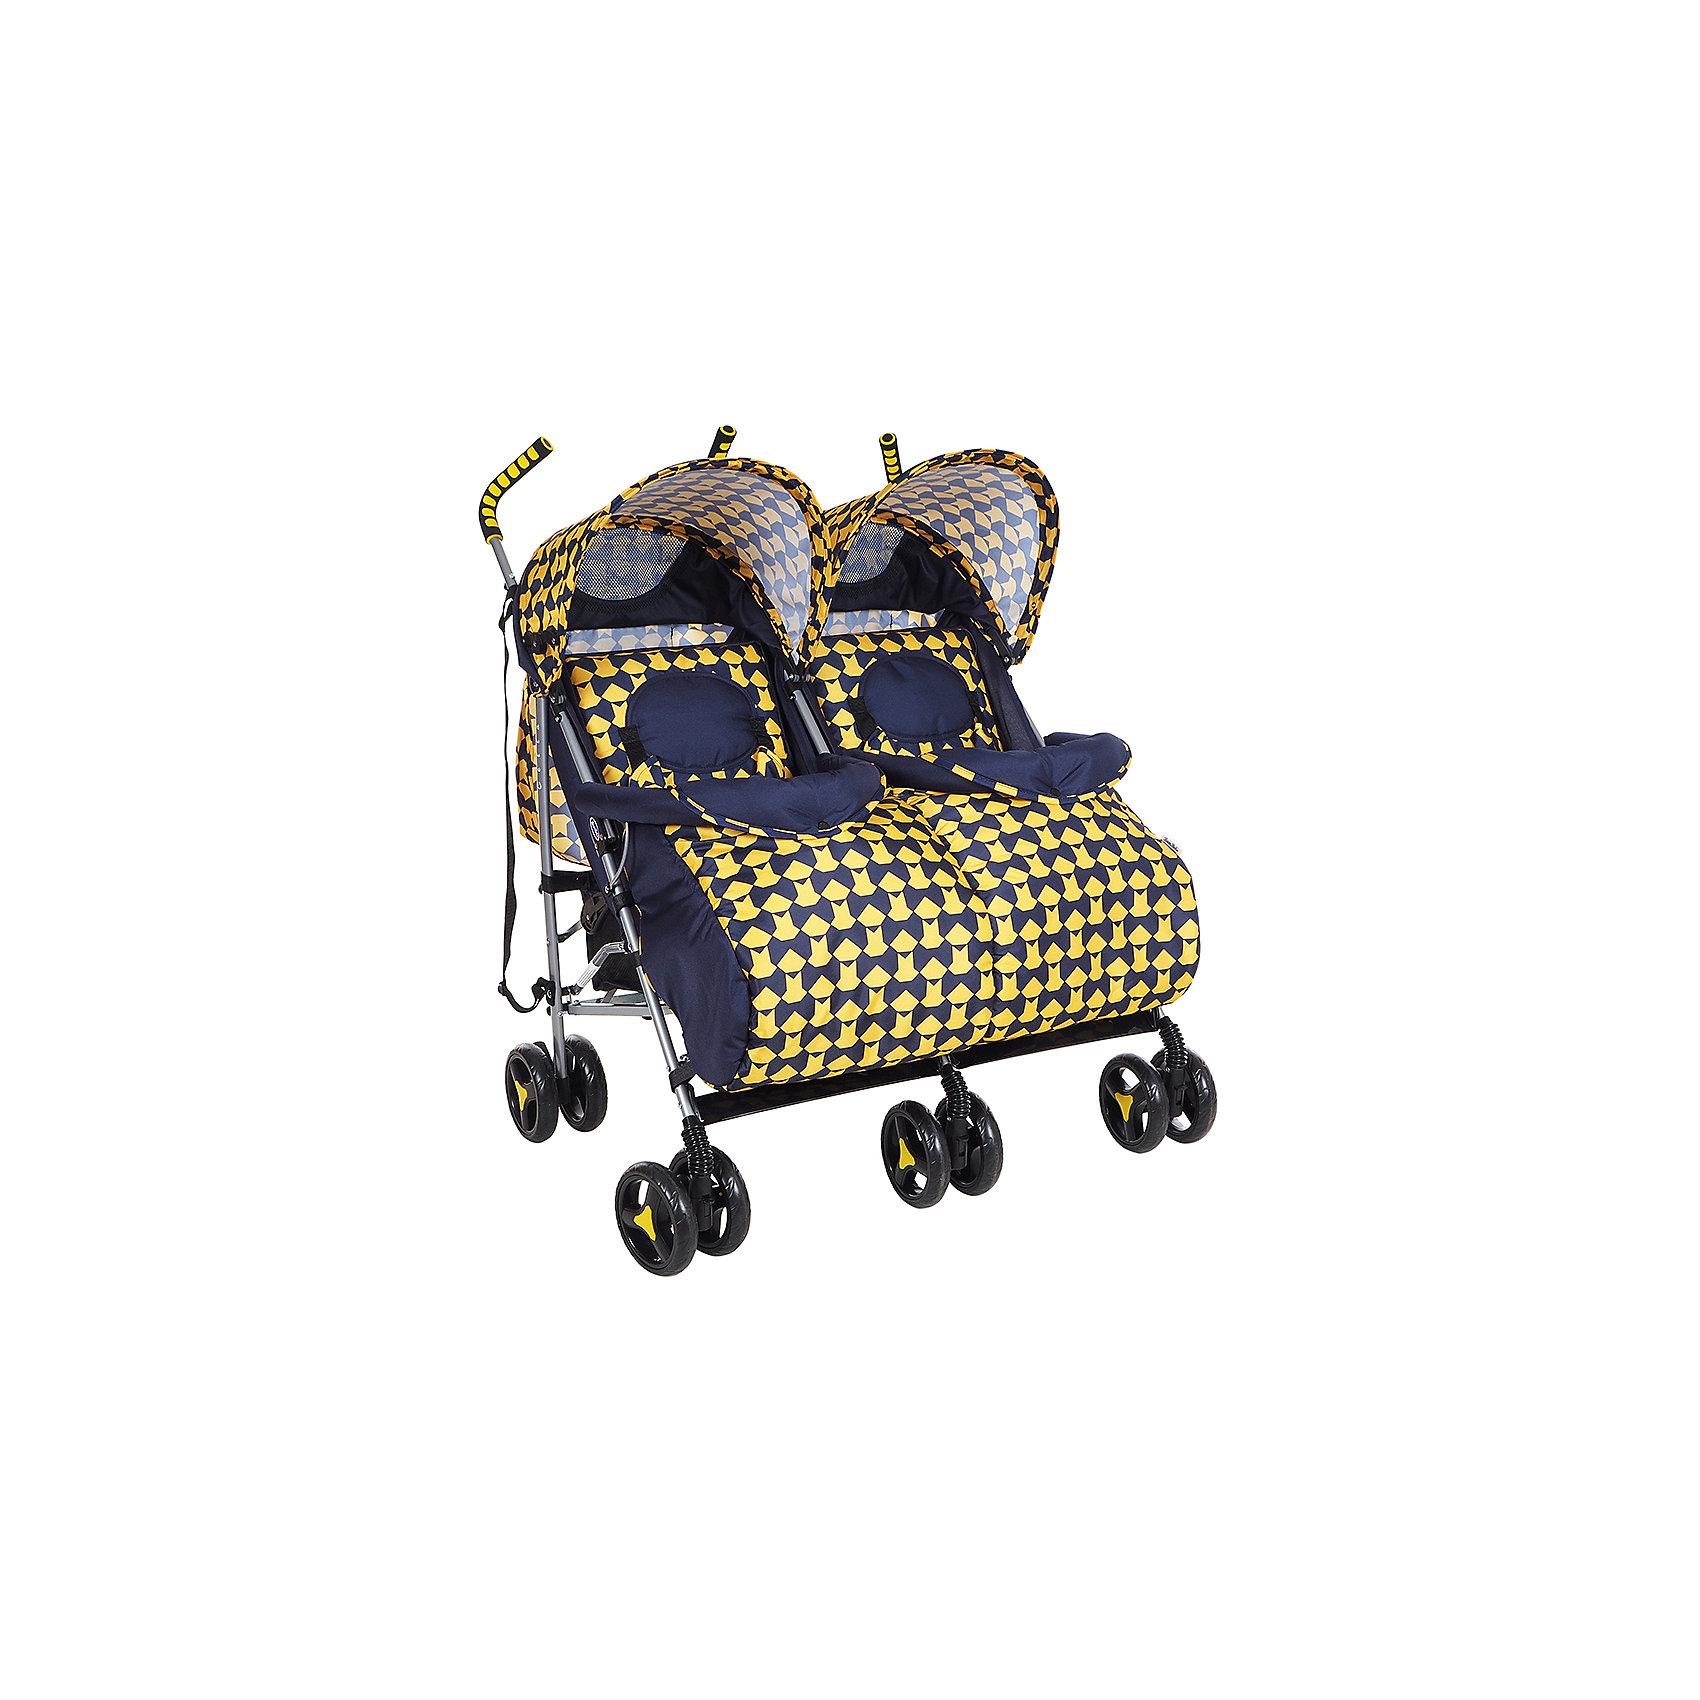 Коляска-трость для двойни Bambola , желтыйКоляски-трости<br>Характеристики коляски-трости Bambola для двойни:<br><br>• капюшоны, спинки, подножки в каждом из прогулочных блоков регулируются независимо друг от друга;<br>• прогулочные блоки расположены параллельно.<br><br>Прогулочный блок:<br><br>• спинка регулируется в нескольких положениях, угол наклона 170 градусов;<br>• регулируется подножка, 2 положения;<br>• страховочный бампер, мягкий разделитель для ножек;<br>• дополнительная секция на капюшоне, смотровое окошко, карман для мелочей;<br>• капюшон опускается до бампера;<br>• 3-х точечные ремни безопасности;<br>• 2 матрасика и 2 чехла входят в комплект.<br><br>Шасси коляски:<br><br>• сдвоенные колеса: передние поворотные, задние с тормозом;<br>• диаметр колес: 15,5 см;<br>• дополнительная пластиковая гибкая подножка для подросшего малыша;<br>• механизм складывания: трость;<br>• материал: алюминий, пластик, полиэстер.<br><br>Размер коляски: 77x85x104 см<br>Размер коляски в сложенном виде: 32х27х106 см<br>Вес коляски: 12 кг<br>Вес упаковки: 12,83 кг<br><br>Коляску-трость для двойни, Bambola, желтый цвет можно купить в нашем интернет-магазине.<br><br>Ширина мм: 320<br>Глубина мм: 270<br>Высота мм: 1060<br>Вес г: 12830<br>Возраст от месяцев: 6<br>Возраст до месяцев: 36<br>Пол: Унисекс<br>Возраст: Детский<br>SKU: 5559169